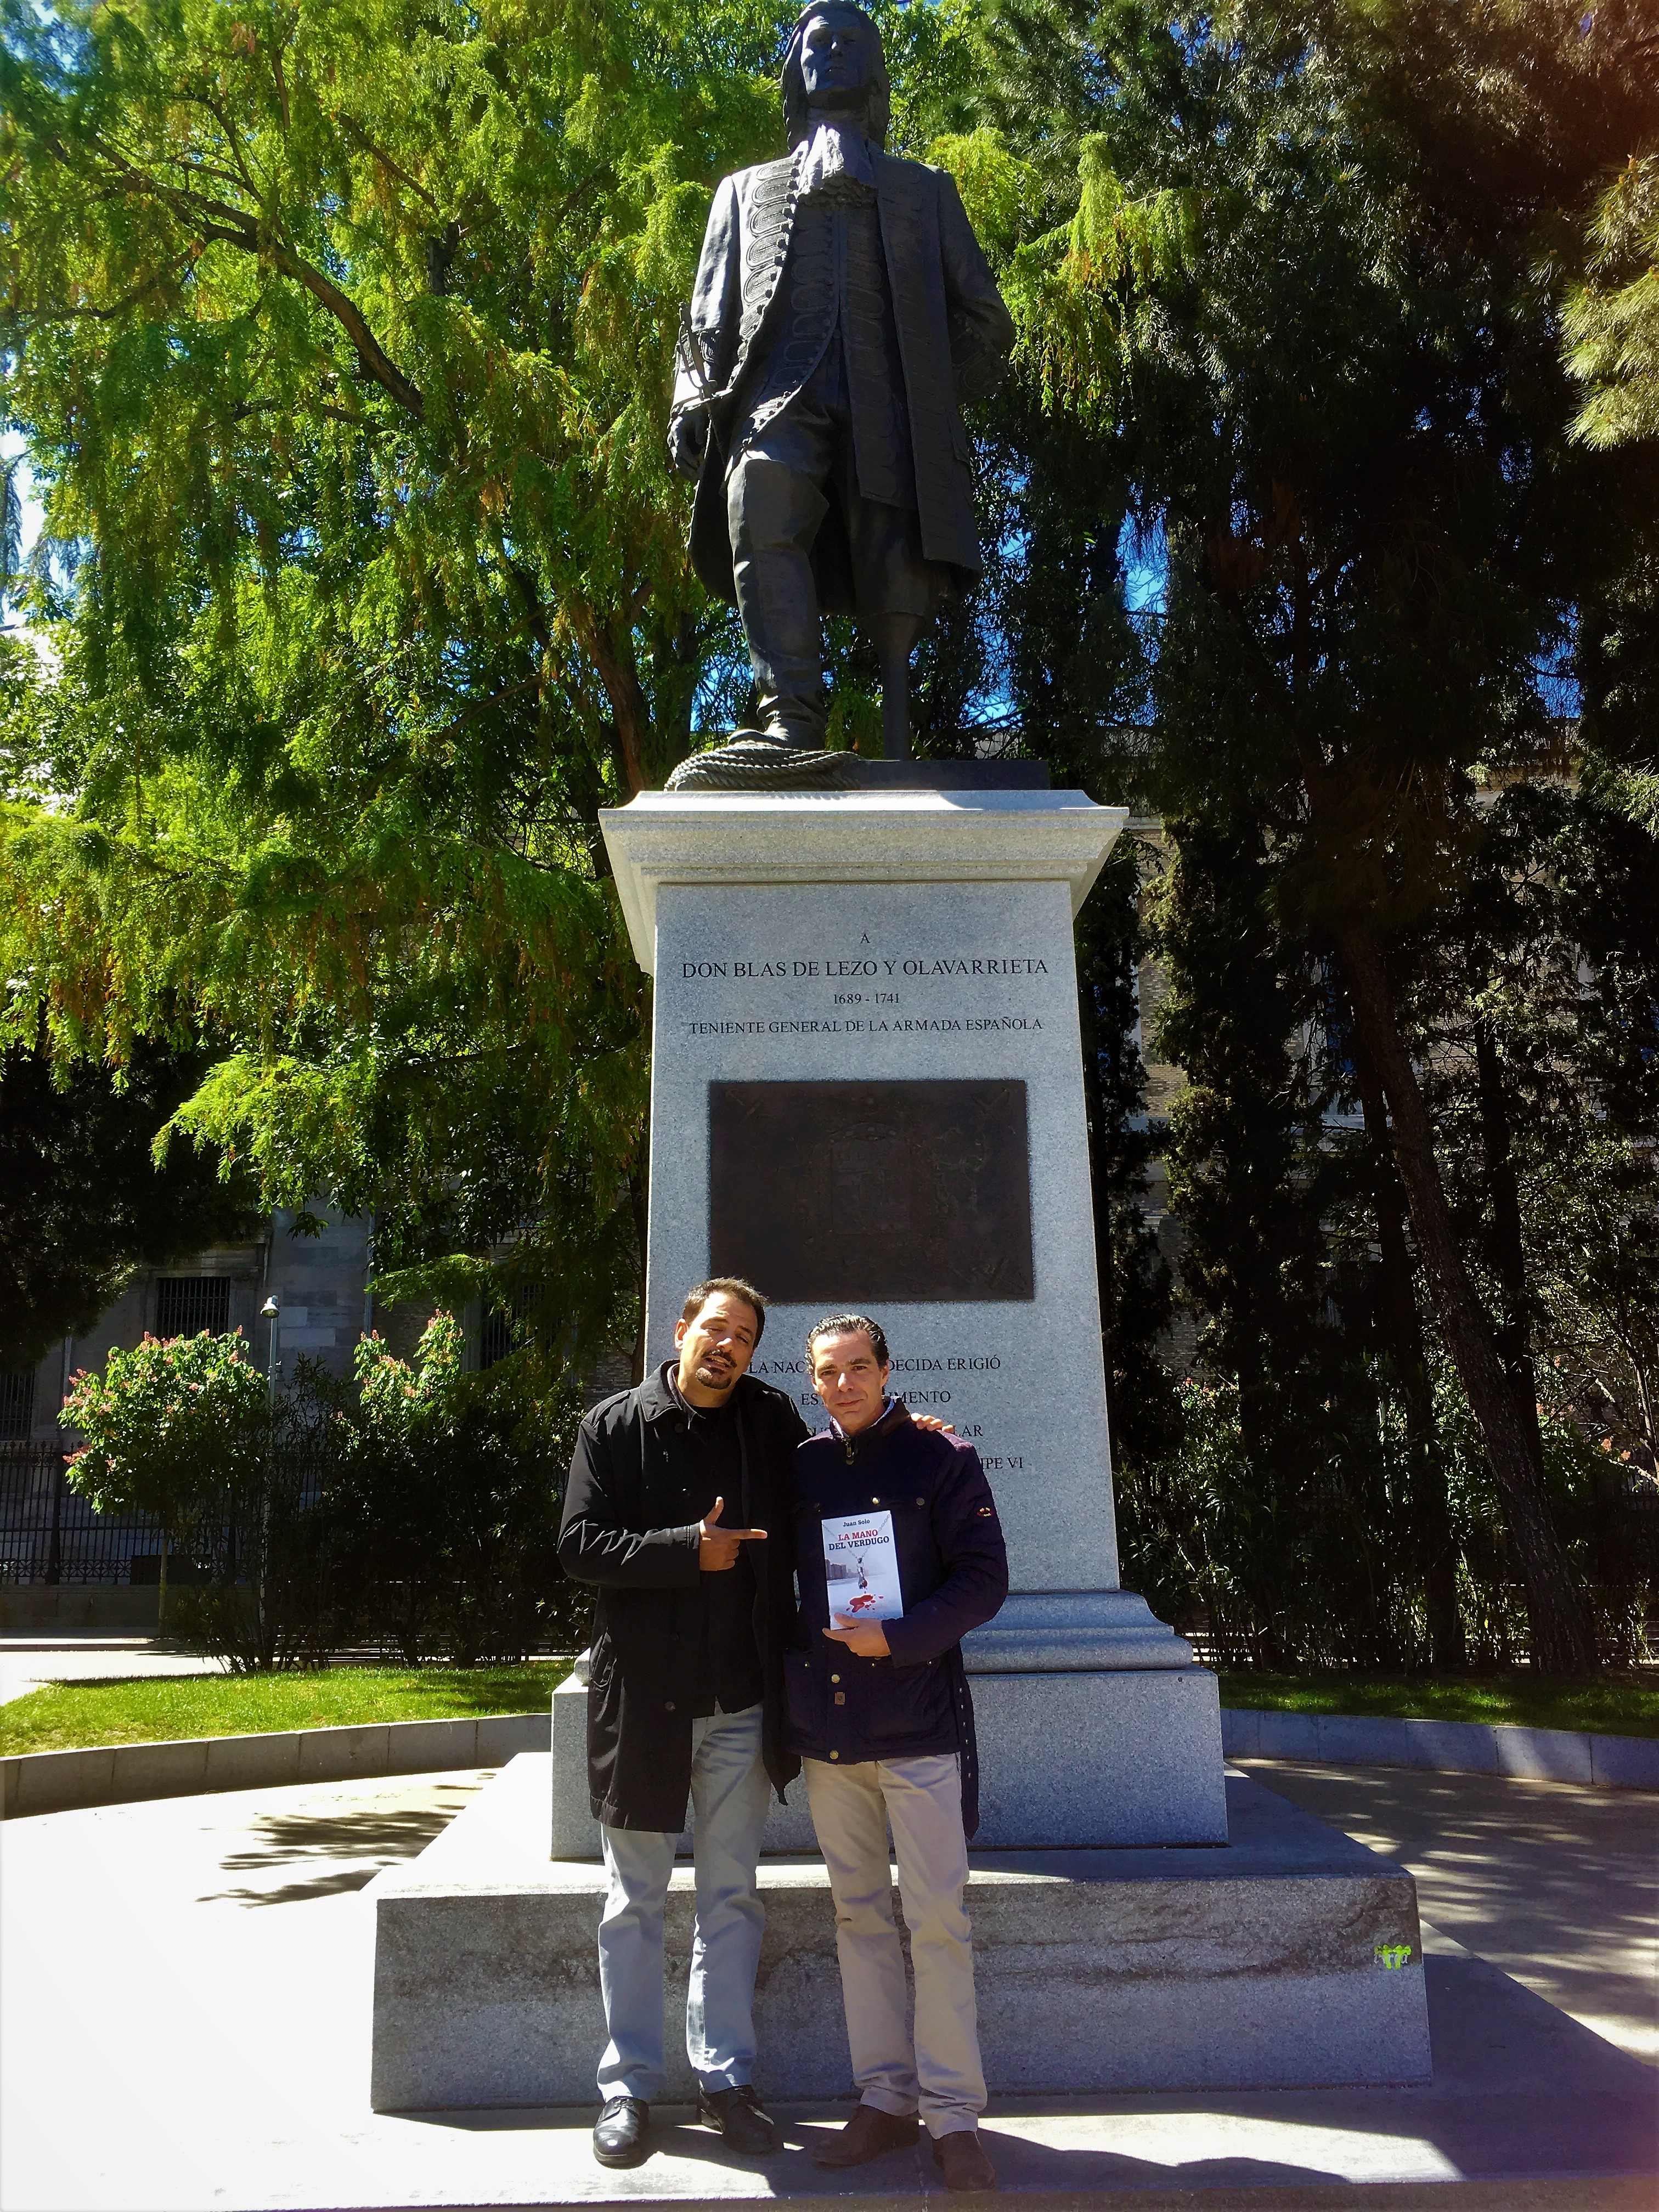 JUAN SOLO - SEGUNDA EDICION DE LA MANO DEL VERDUGO - VAUGHAN LIBROS - BLAS DE LEZO - SALVADOR AMAYA